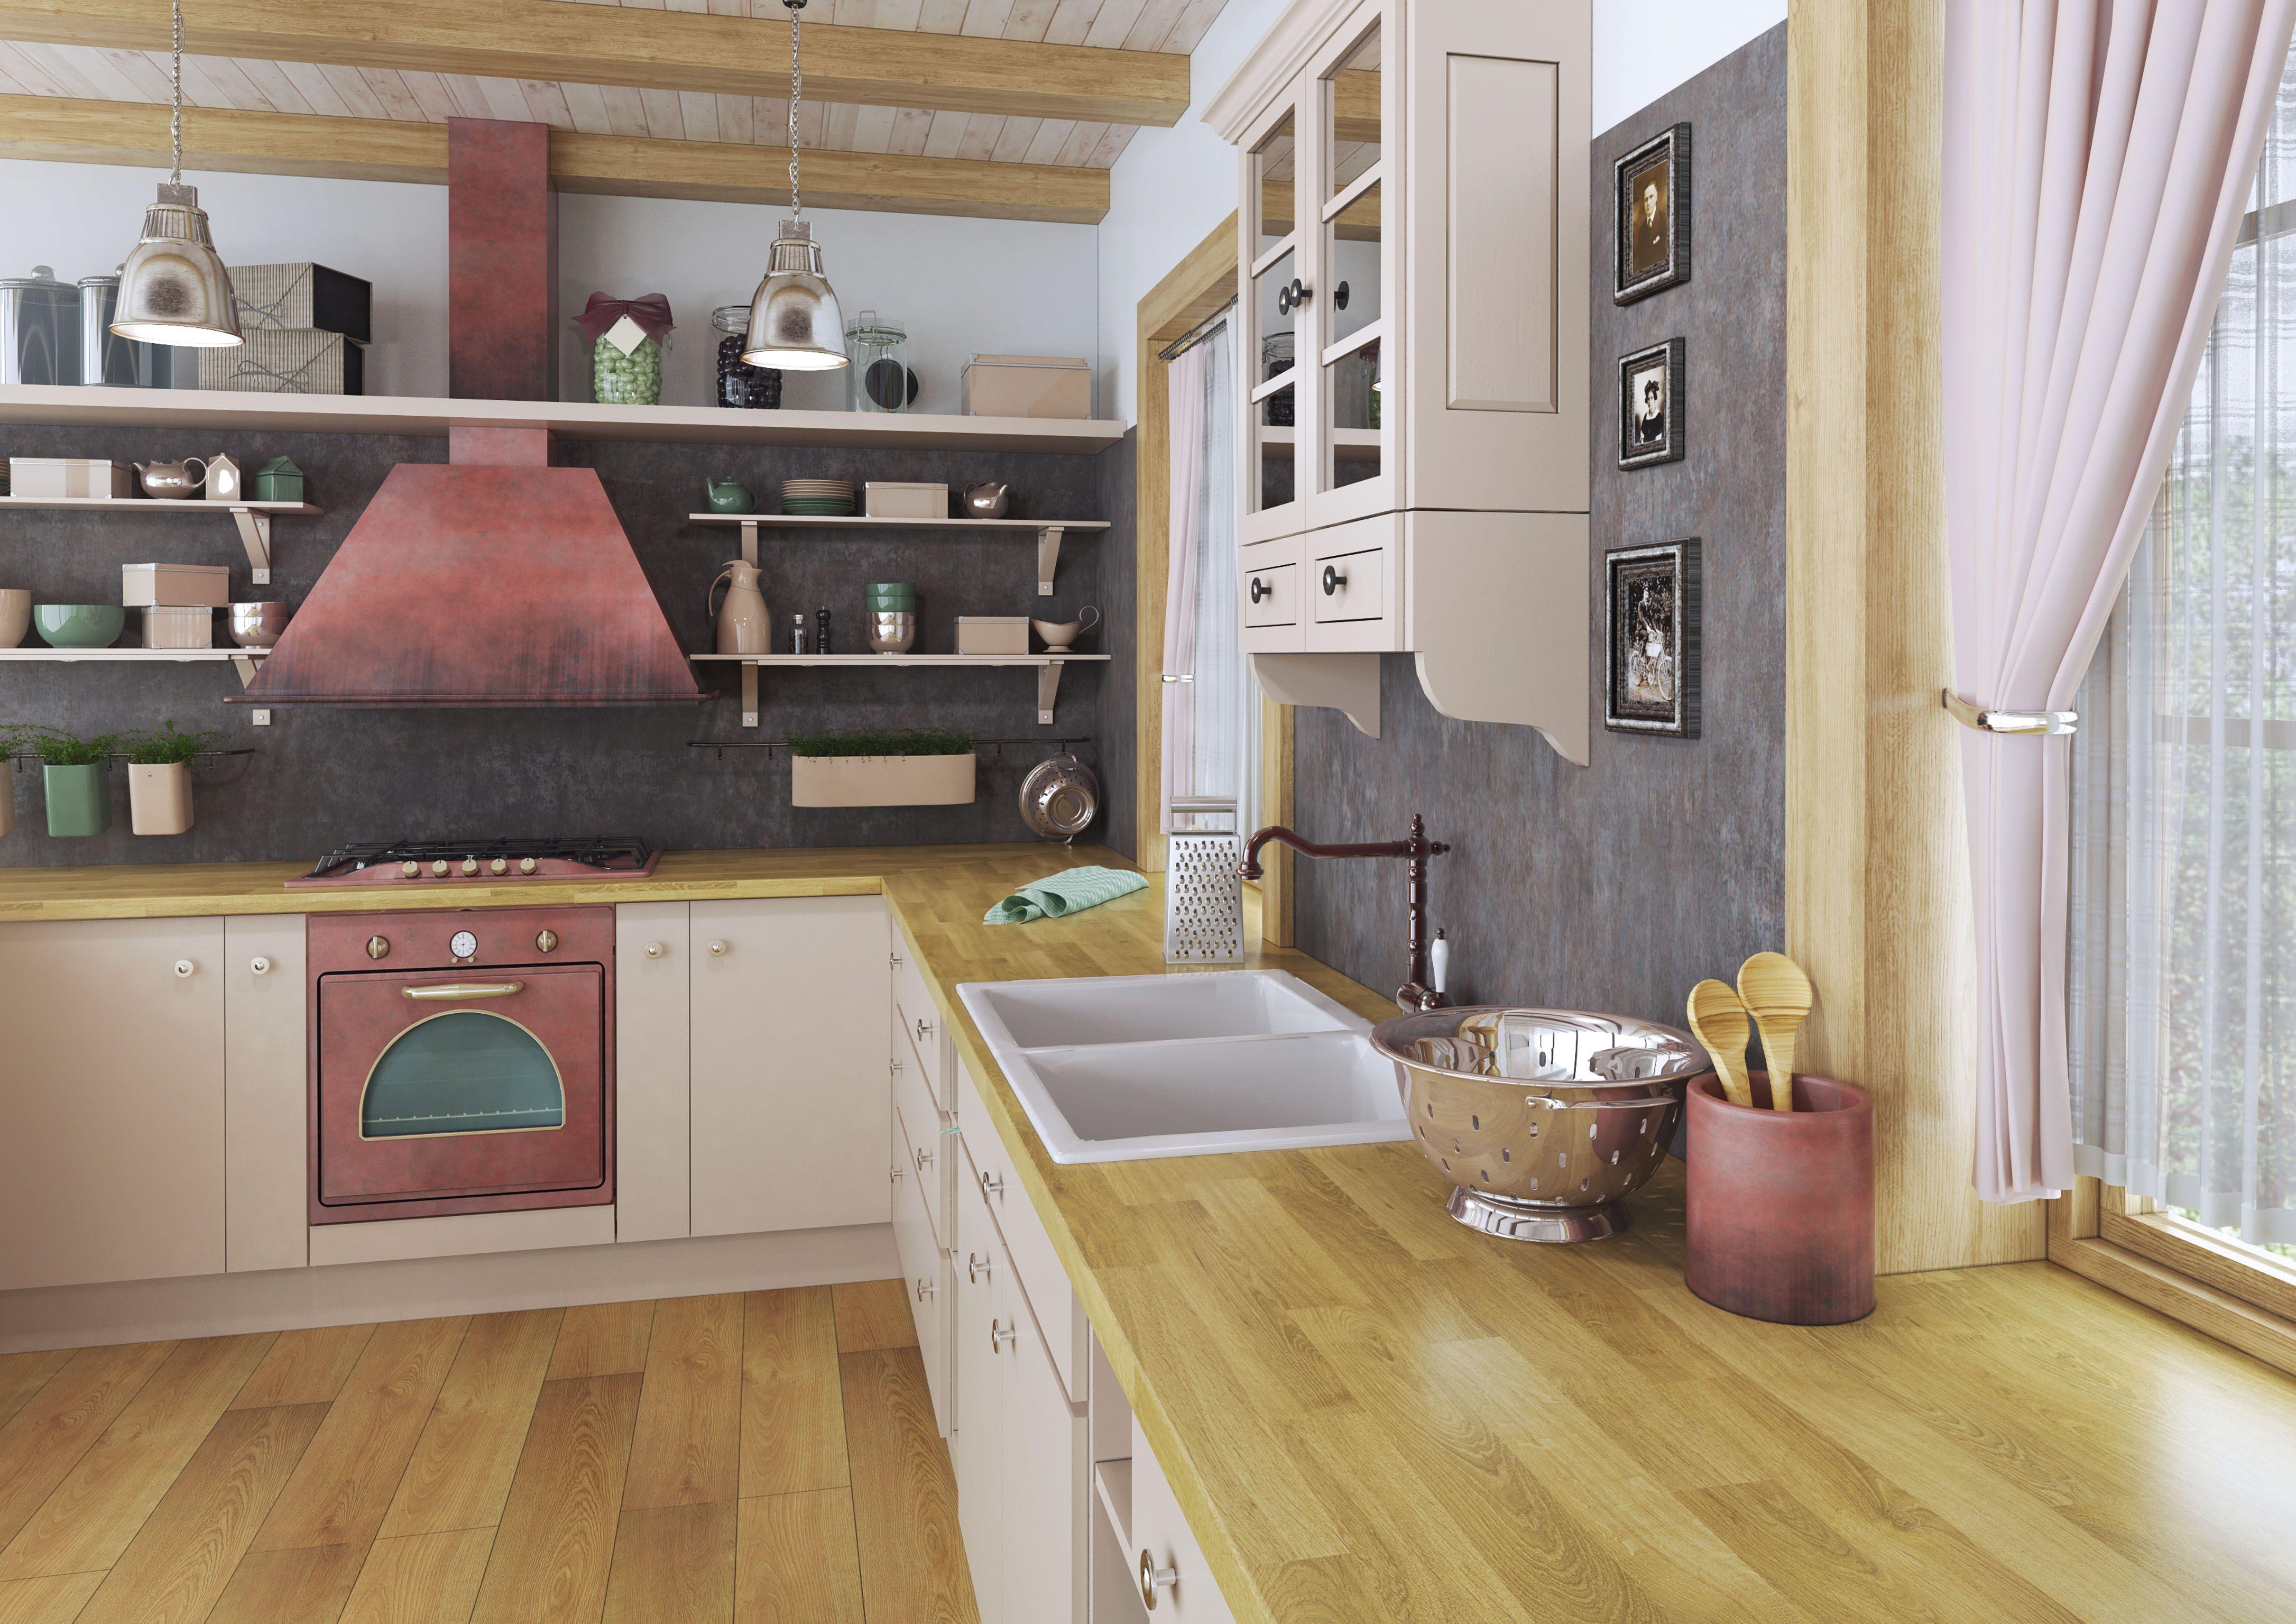 Blat Kuchenny Swiss Krono D1045 Ow Dab Wspolczesny Klepka Home Home Decor Kitchen Cabinets